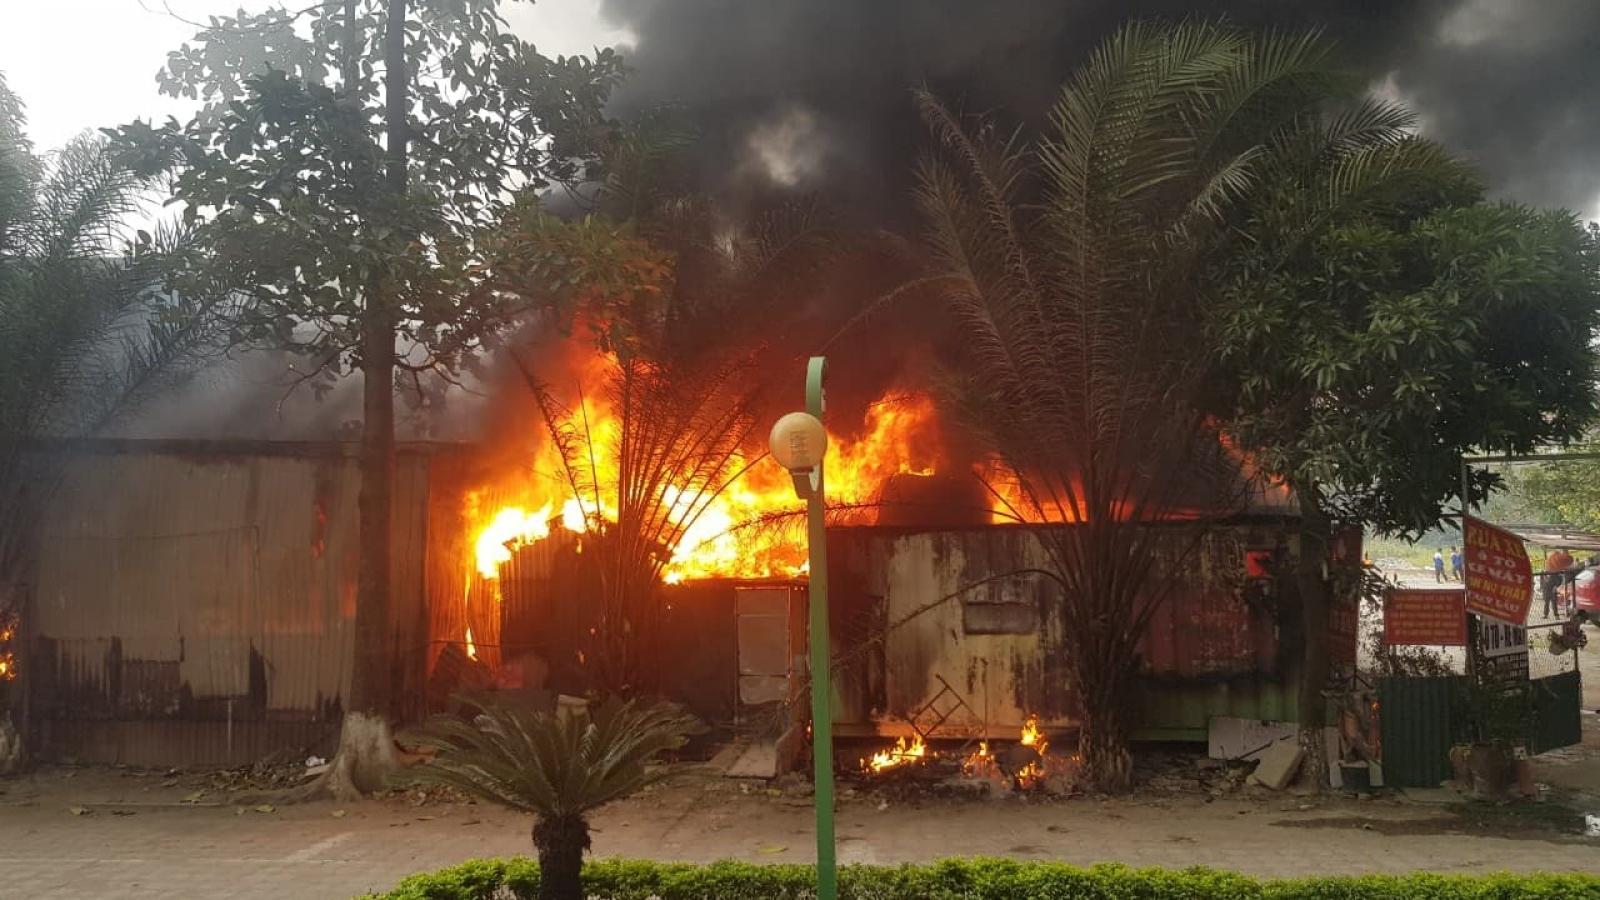 Cháy lớn tại bãi gửi xe ở Hà Nội